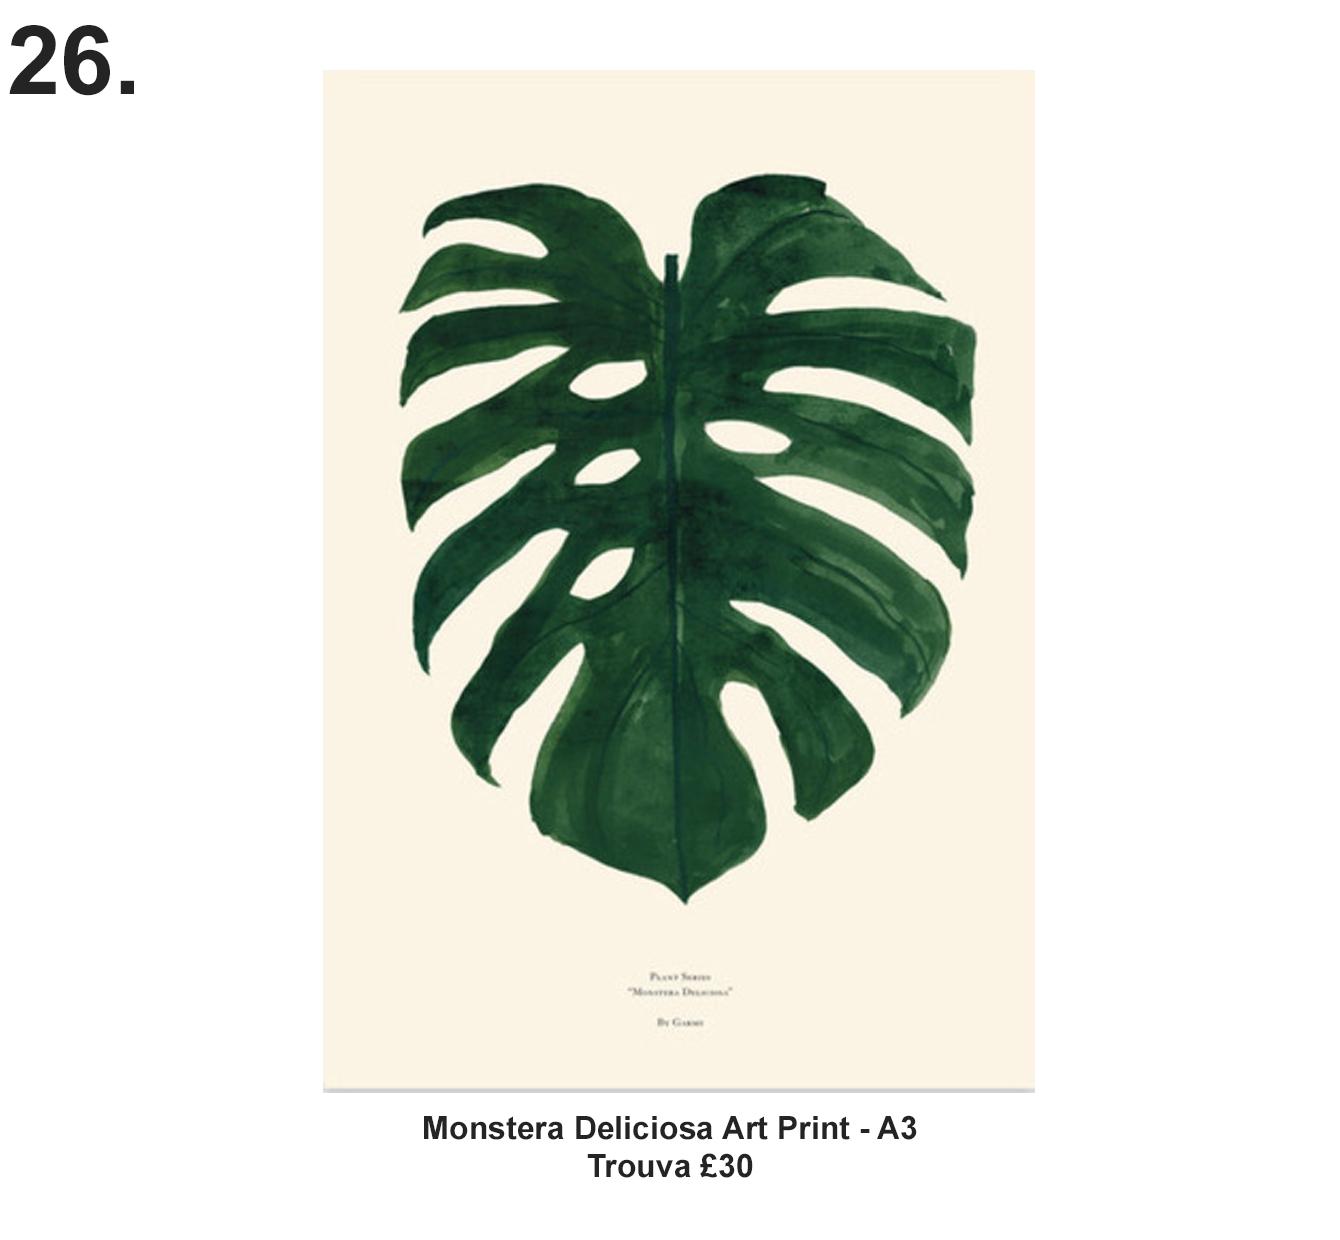 Monstera Deliciosa A3 art print £30